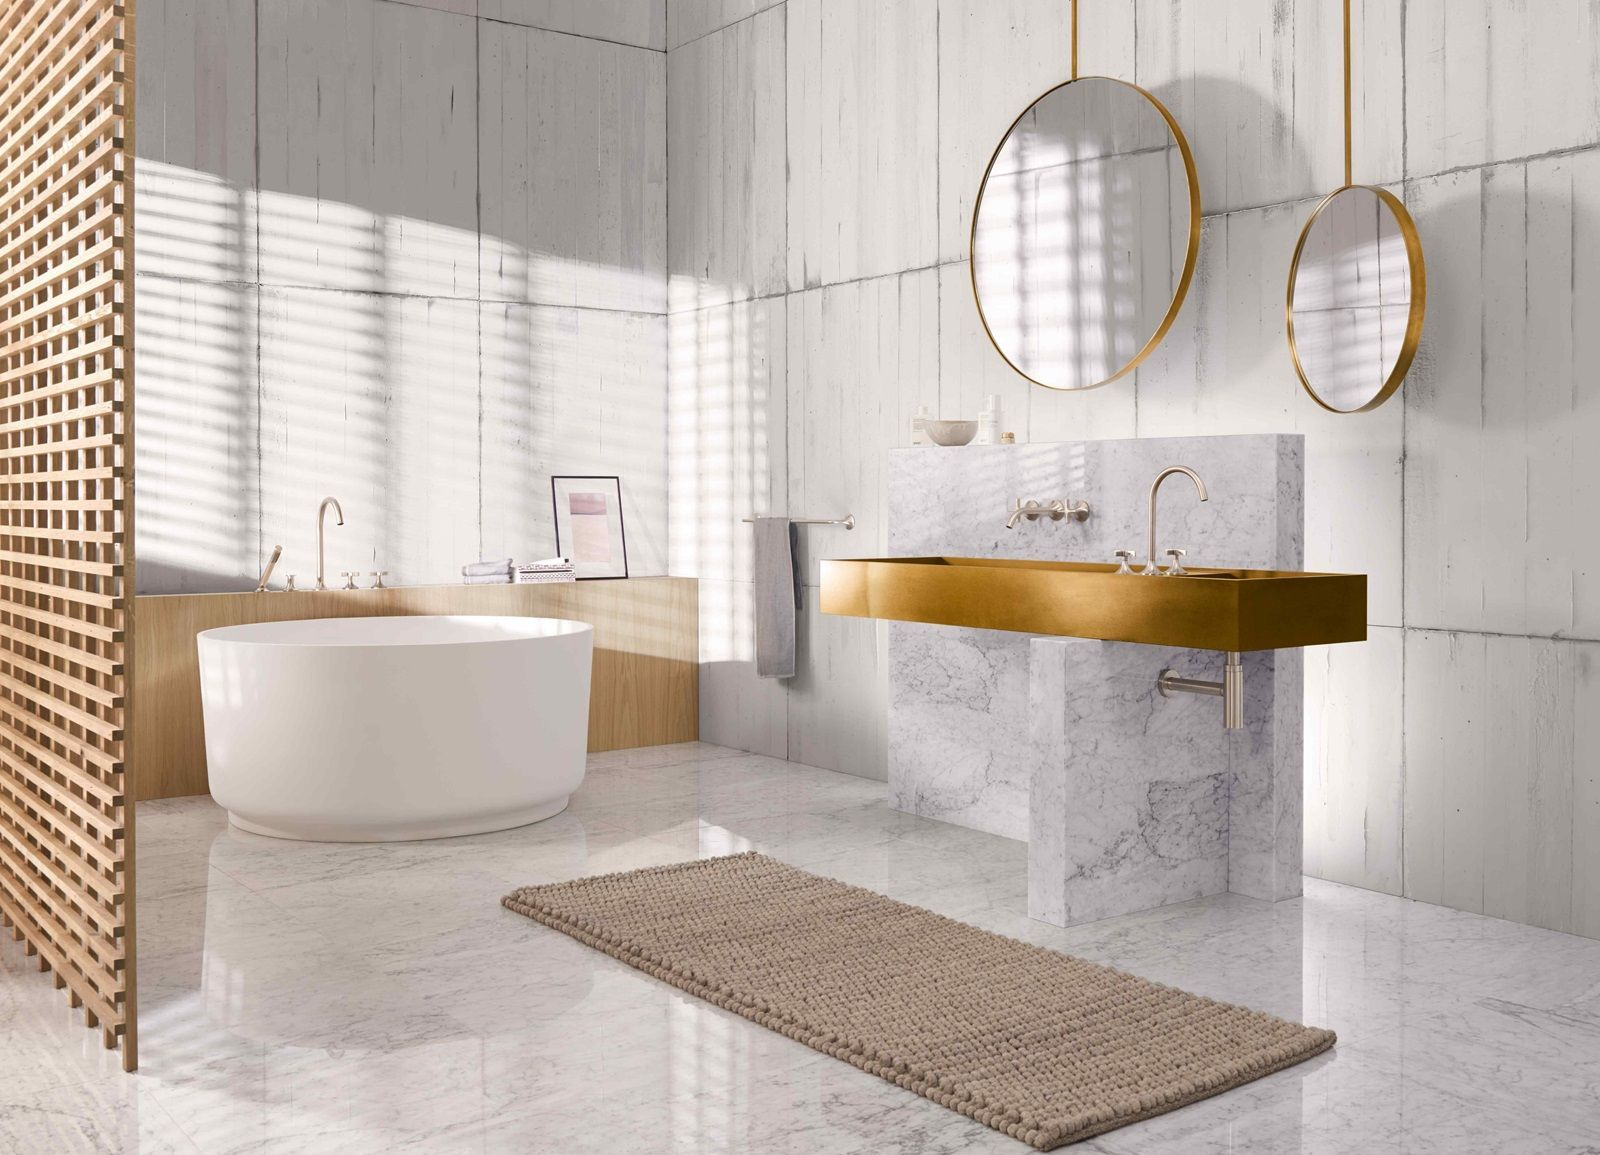 Finde Jetzt Dein Traumbad Wertvolle Tipps Von Der Planung Bis Zur Umsetzung Modernes Badezimmerdesign Sieger Design Und Badezimmer Design